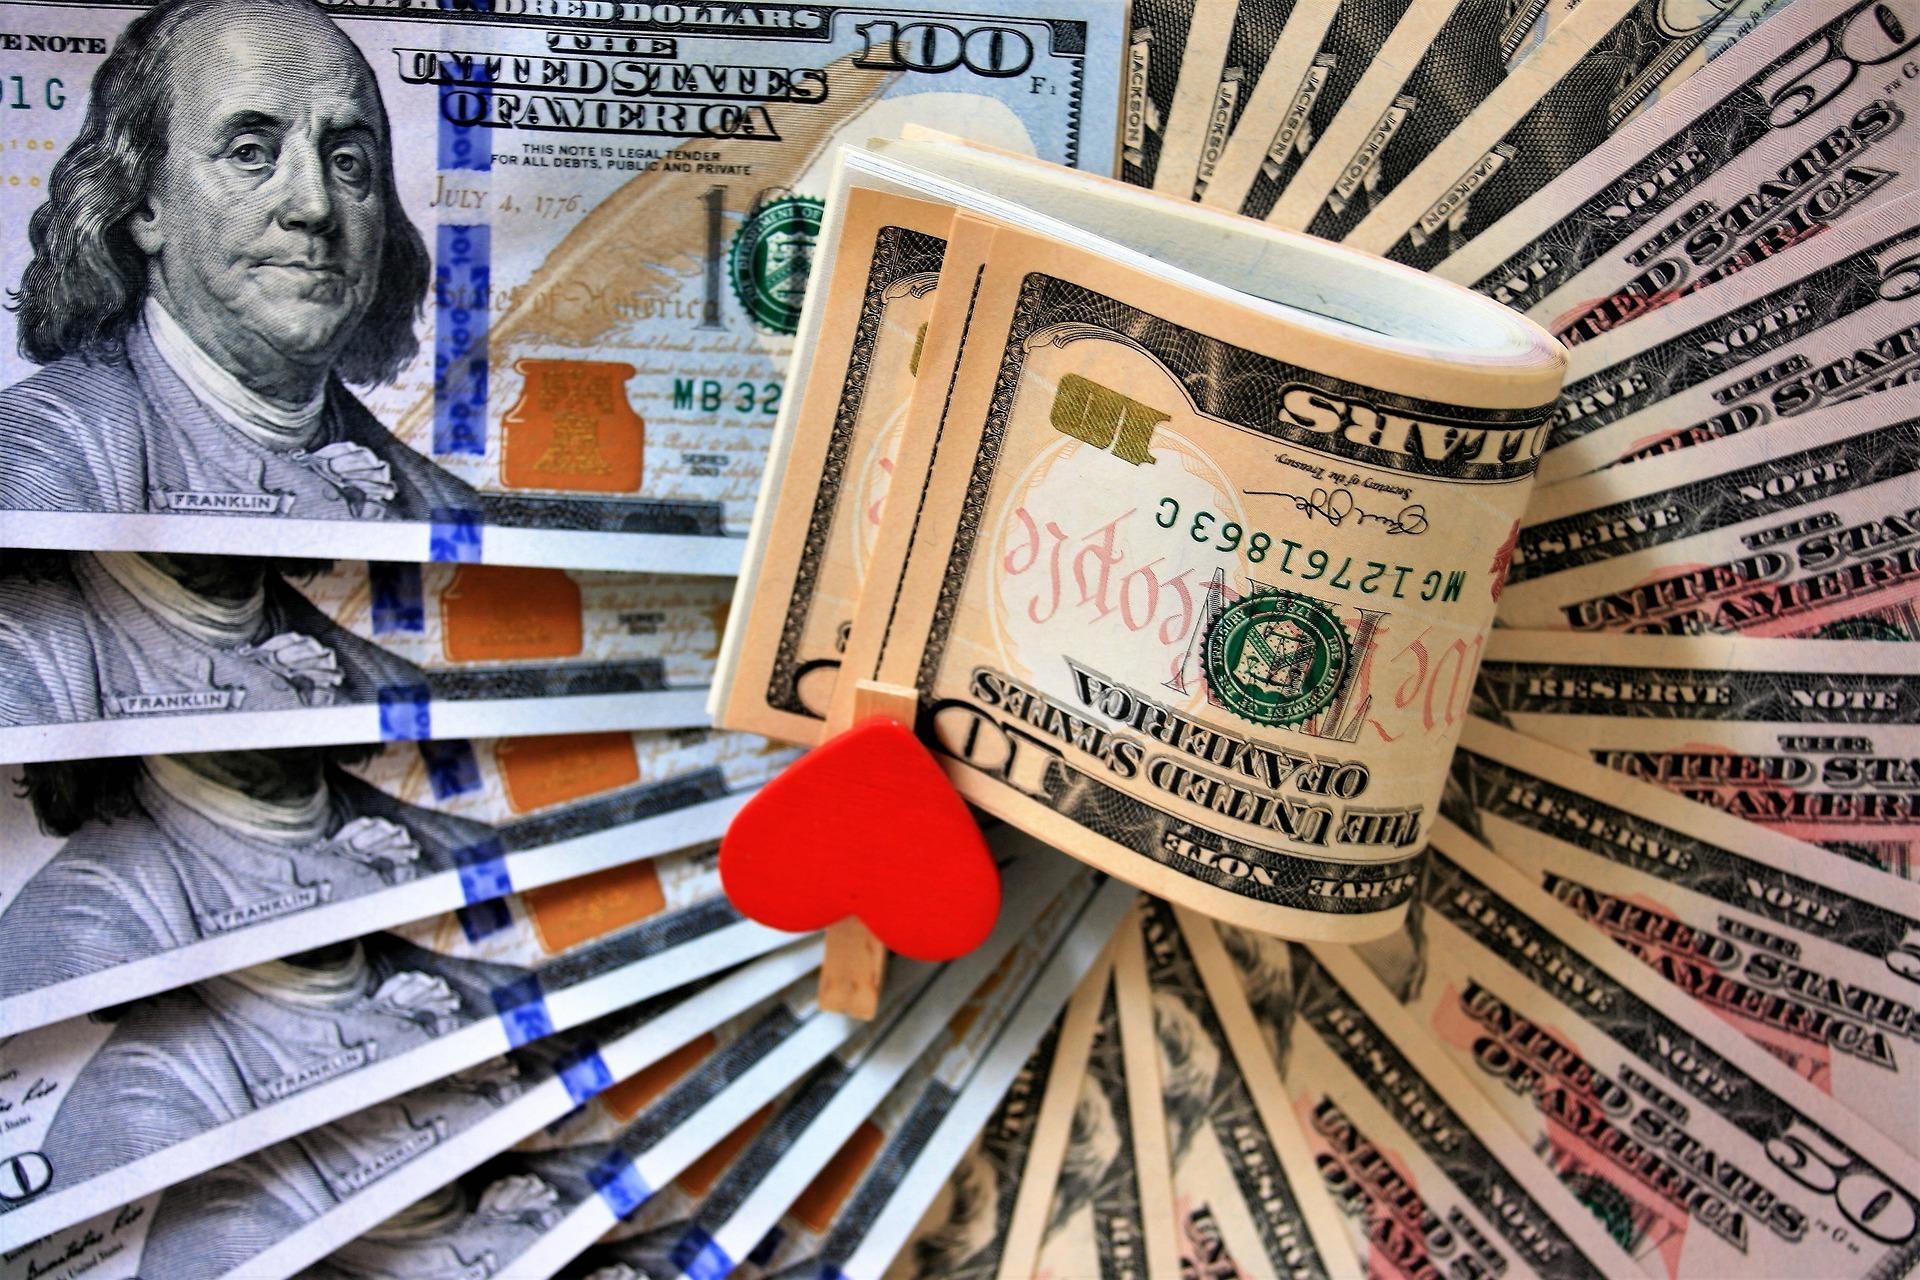 currency-3125440_1920.jpg